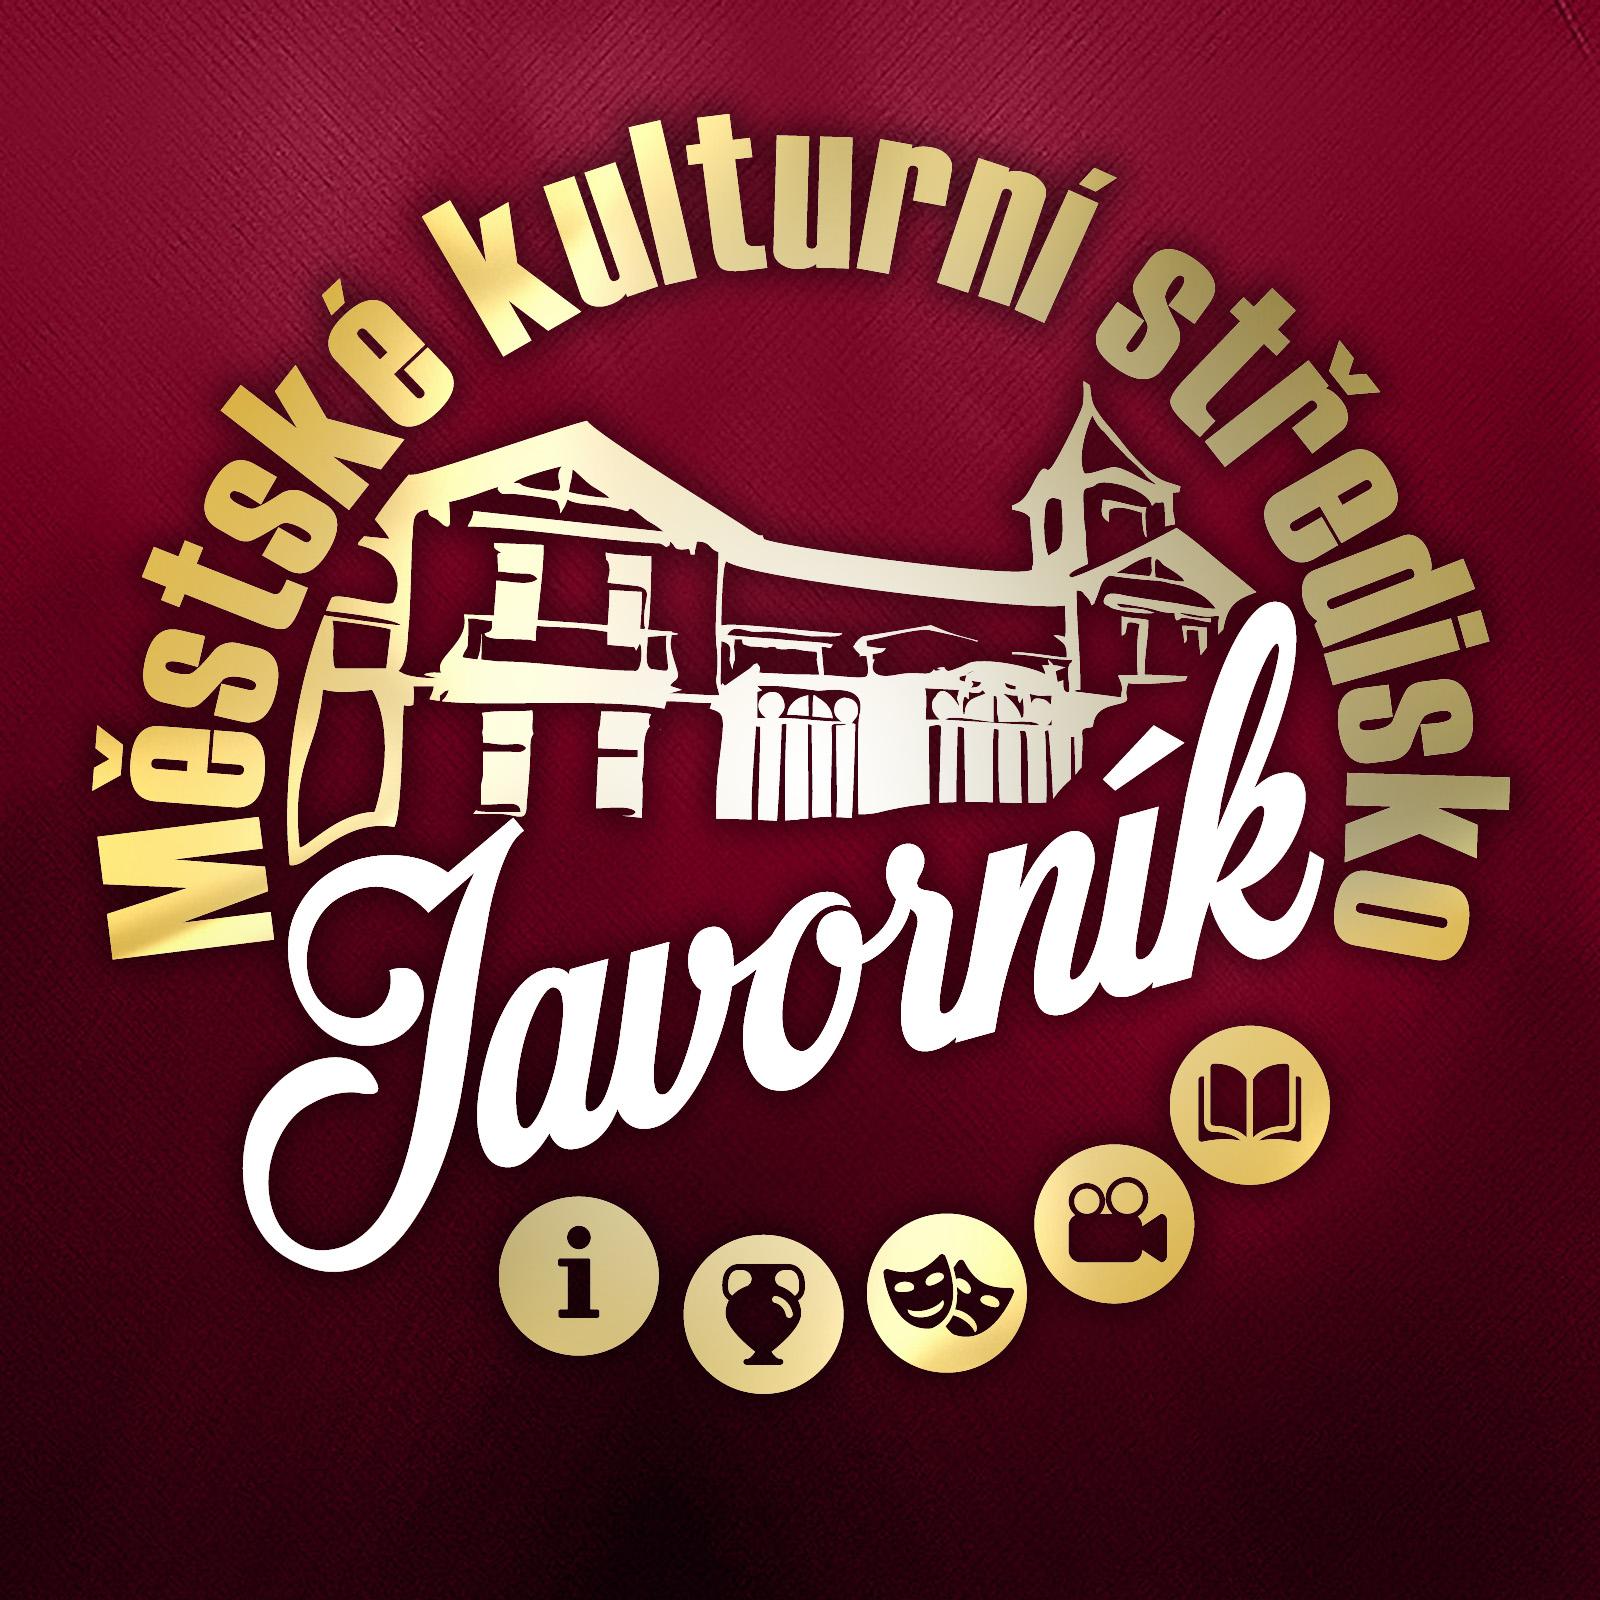 <p>Městské kulturní středisko Javorník</p>